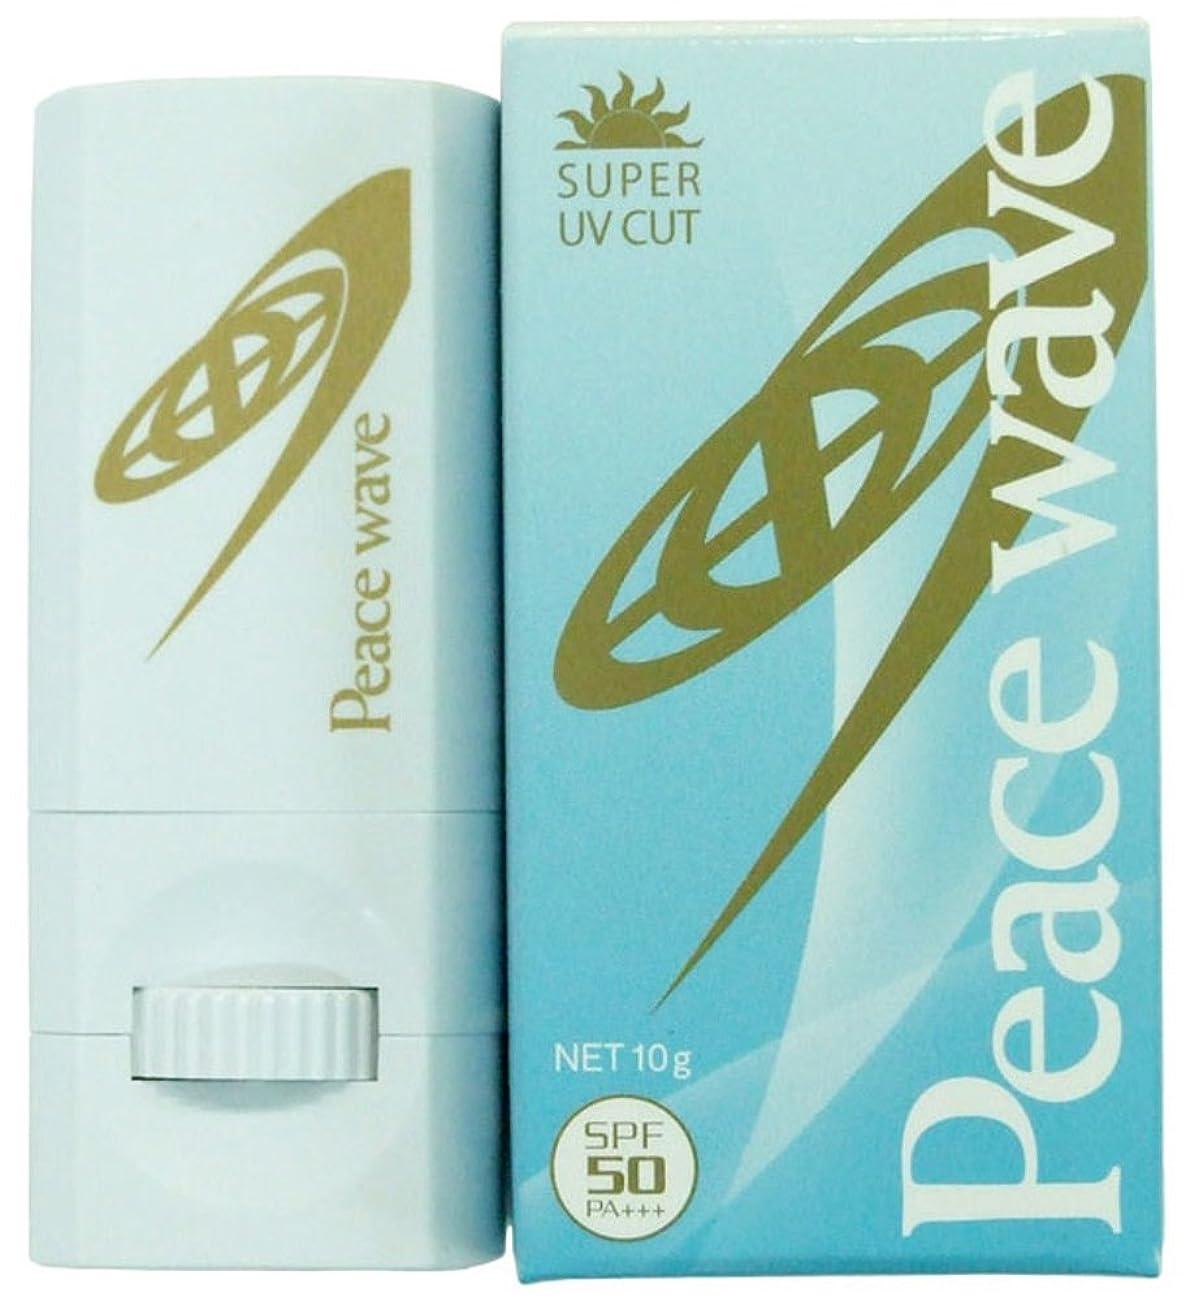 ガソリンゲートウェイ形容詞PEACE WAVE 日焼け止め UVフェイススティック SPF50 PA+++ クリア 10g 580267